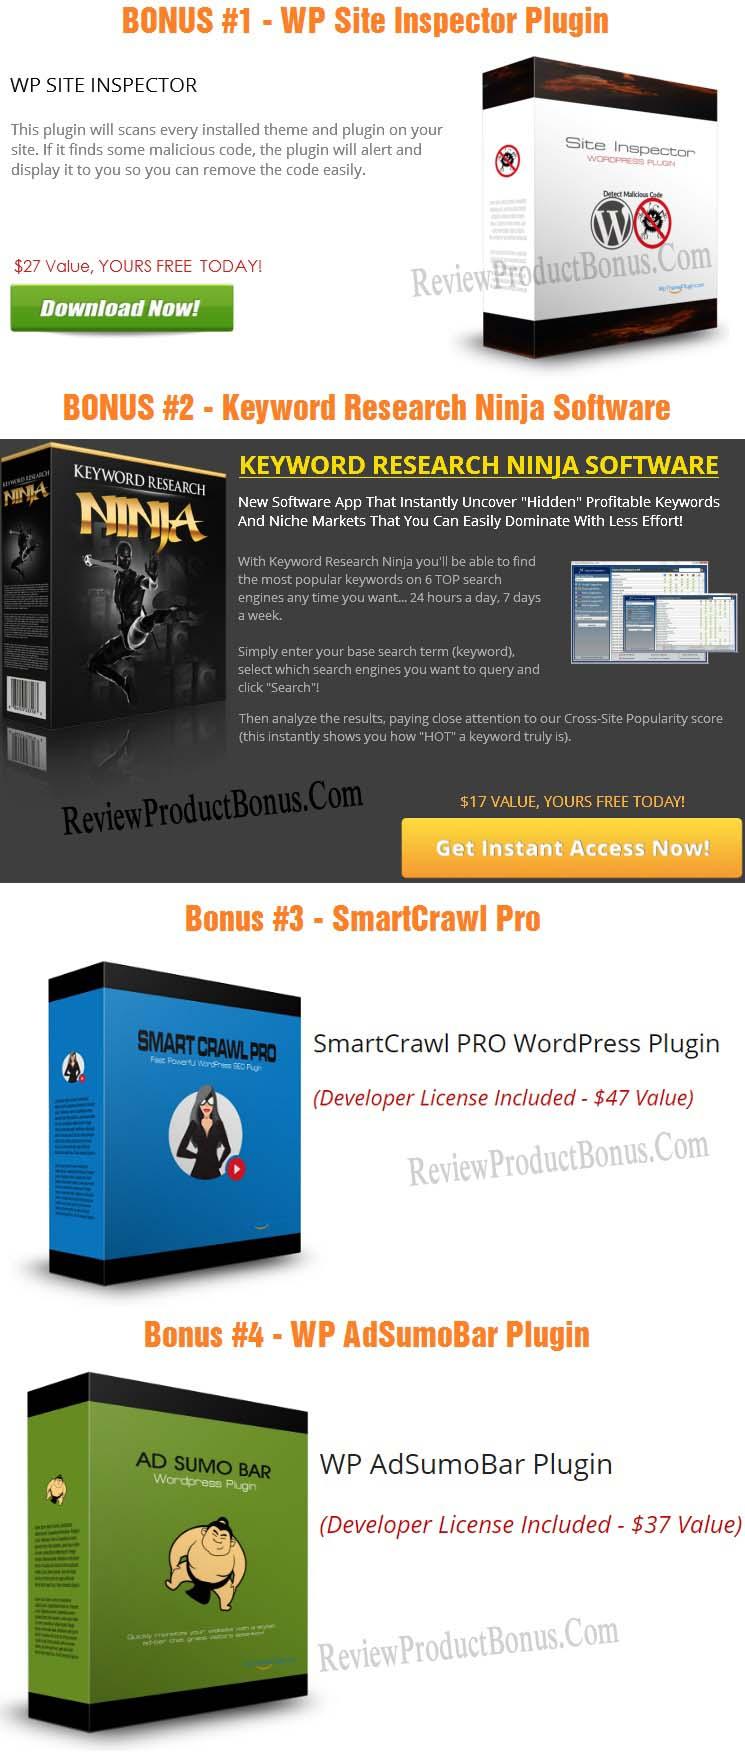 WP ShieldMate Plugin V2 Bonus